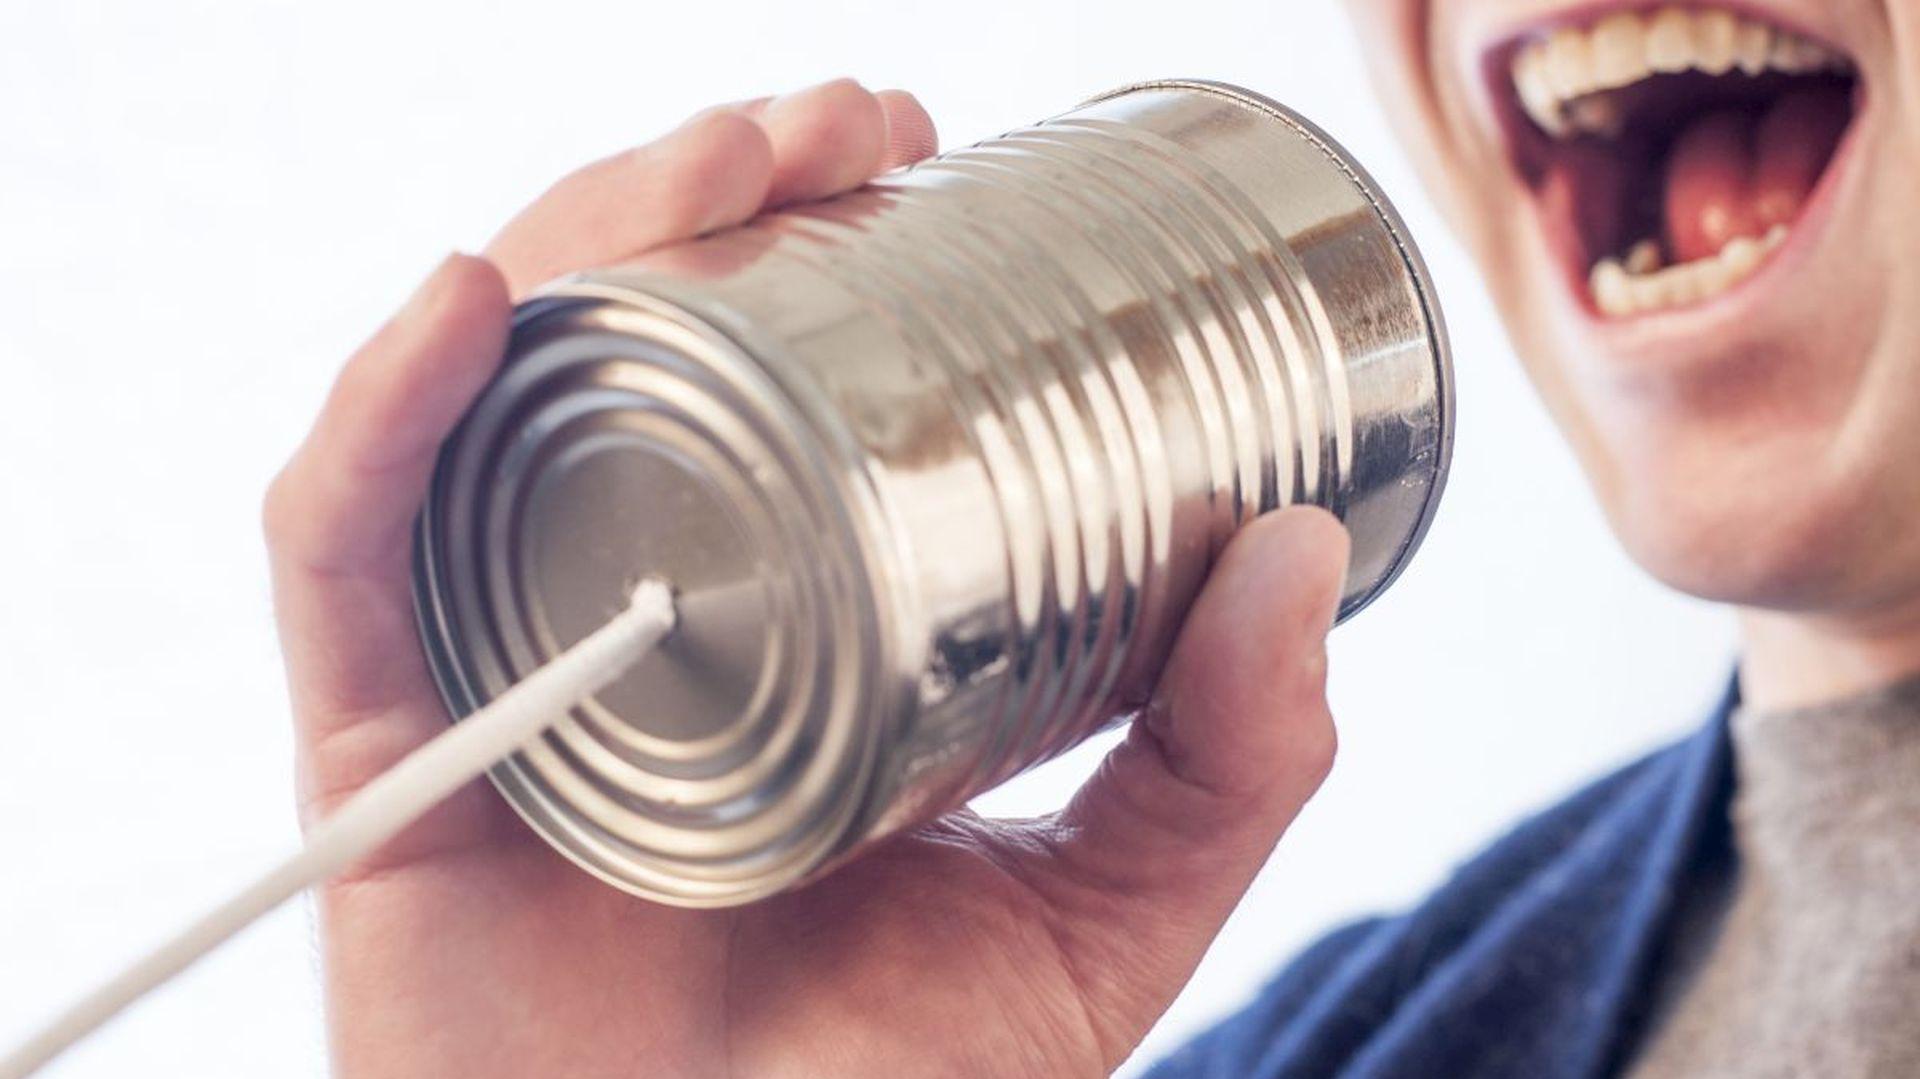 Dźwięki powietrzne to odgłosy mowy – gdy przegrody pionowe w budynkach mają słabą izolację akustyczną, zza ściany słyszymy głos sąsiada lub dźwięki z jego telewizora. Drugi rodzaj dźwięków to uderzeniowe, które słyszymy np. gdy sąsiadka z góry szykuje się do wyjścia i chodzi po domu na szpilkach. Fot. Gratisography